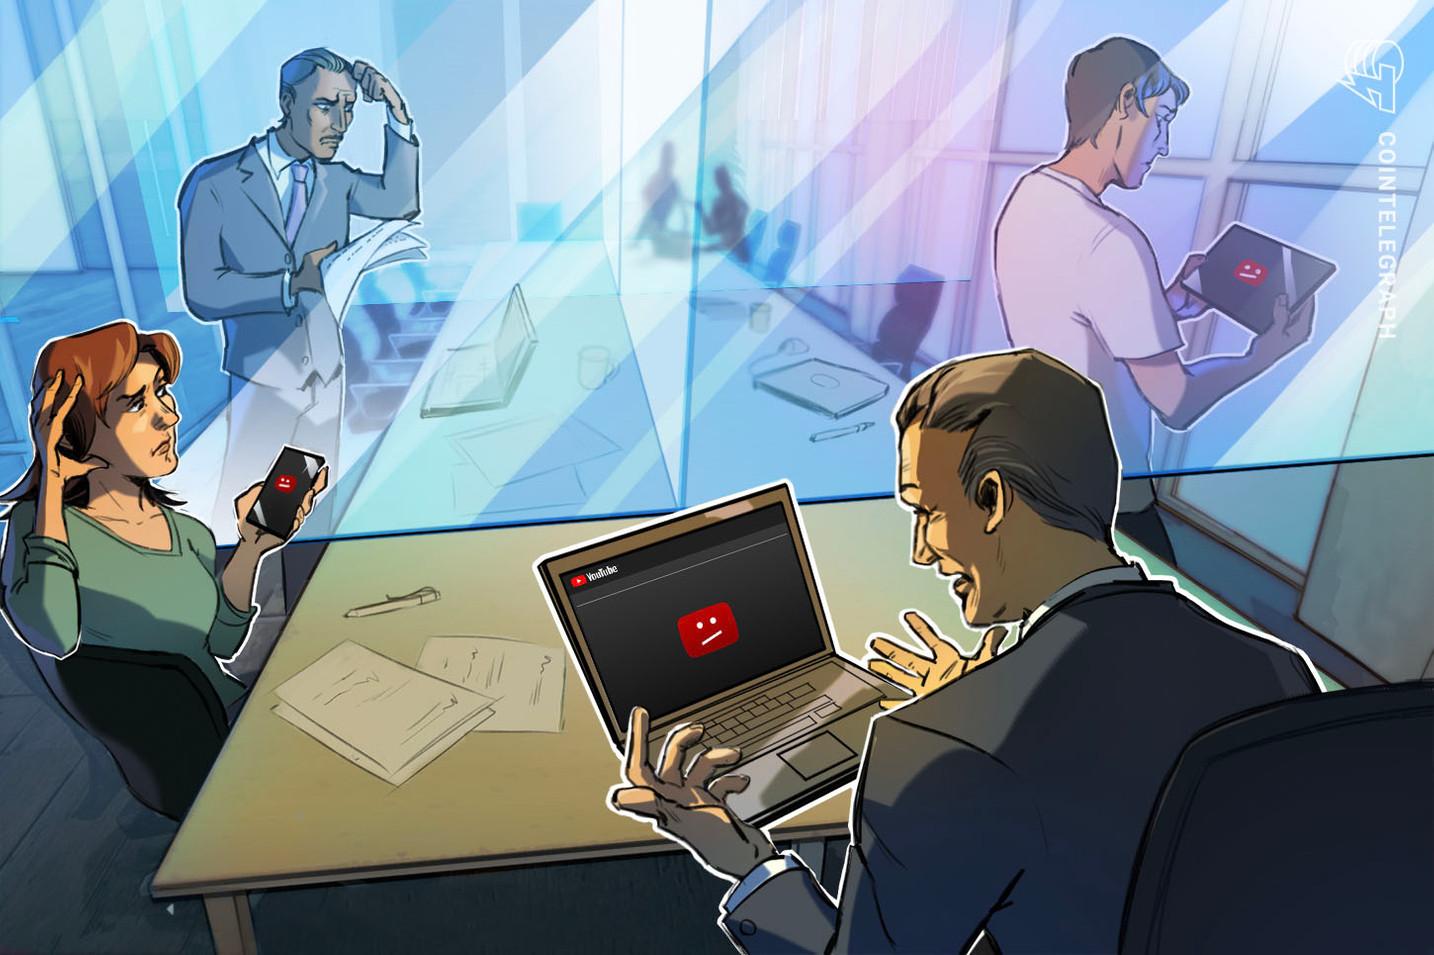 Presunto gurú de la reincorporación explica por qué se banean los canales relacionados a las criptomonedas en YouTube